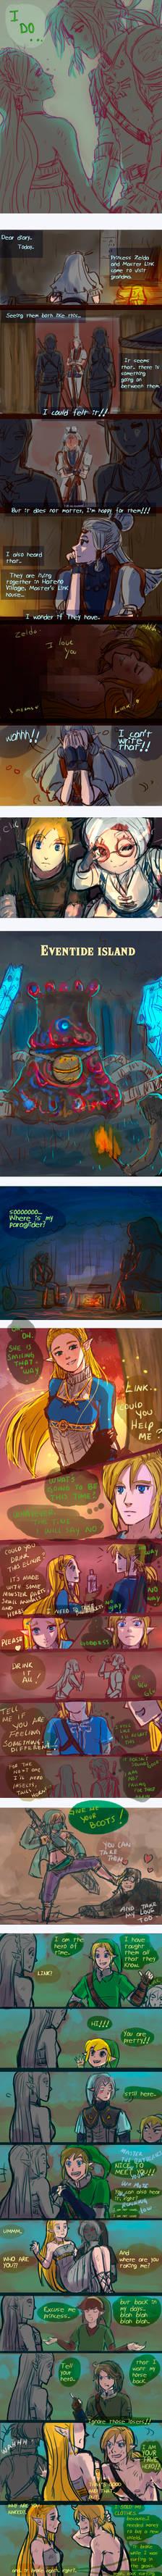 +(- The legend of Zelda doodles [15] -)+ (BOTW)